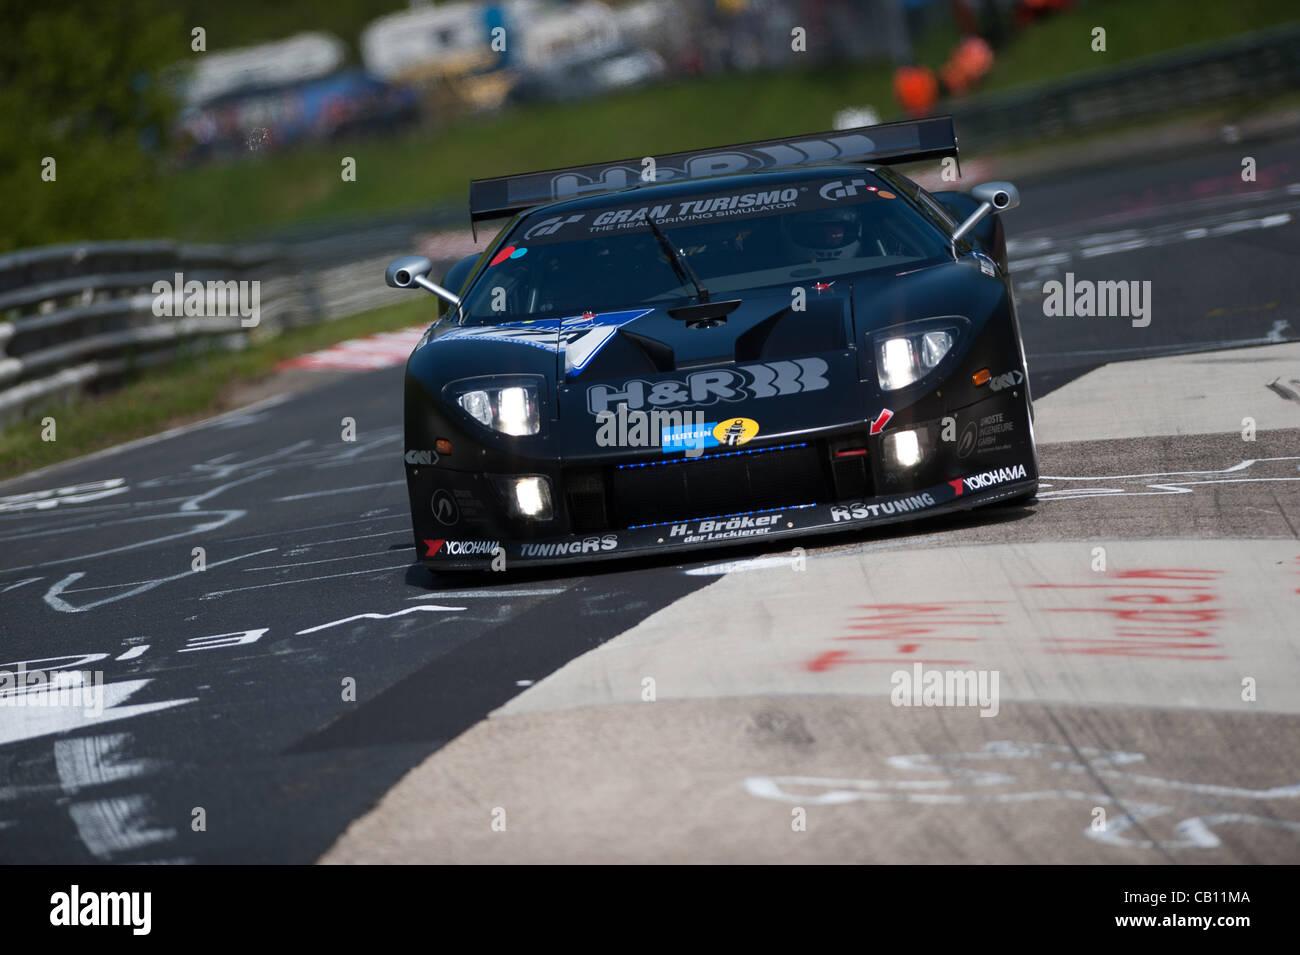 Jurgen Alzen Ger Artur Deutgen Esp Christian Engelhart Ger Robert Renauer Ger Driving The  Sp Gt Ford Gt During Practice For The